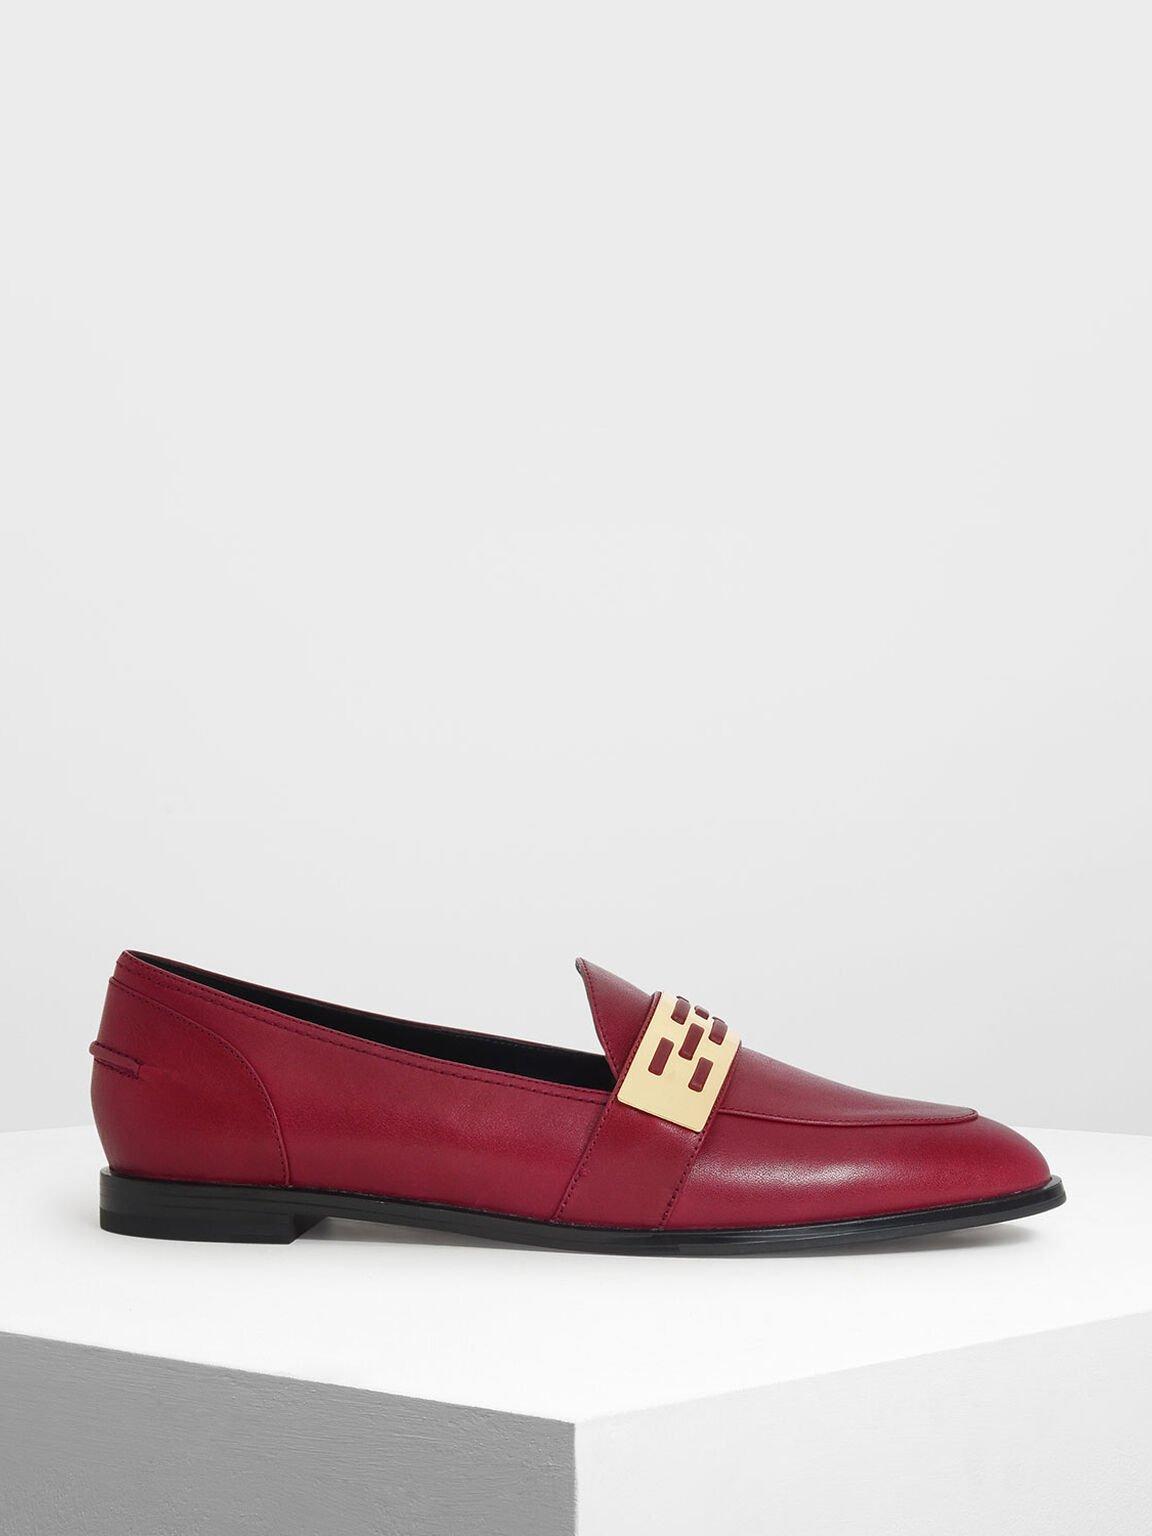 金屬帶樂福鞋, 酒紅色, hi-res